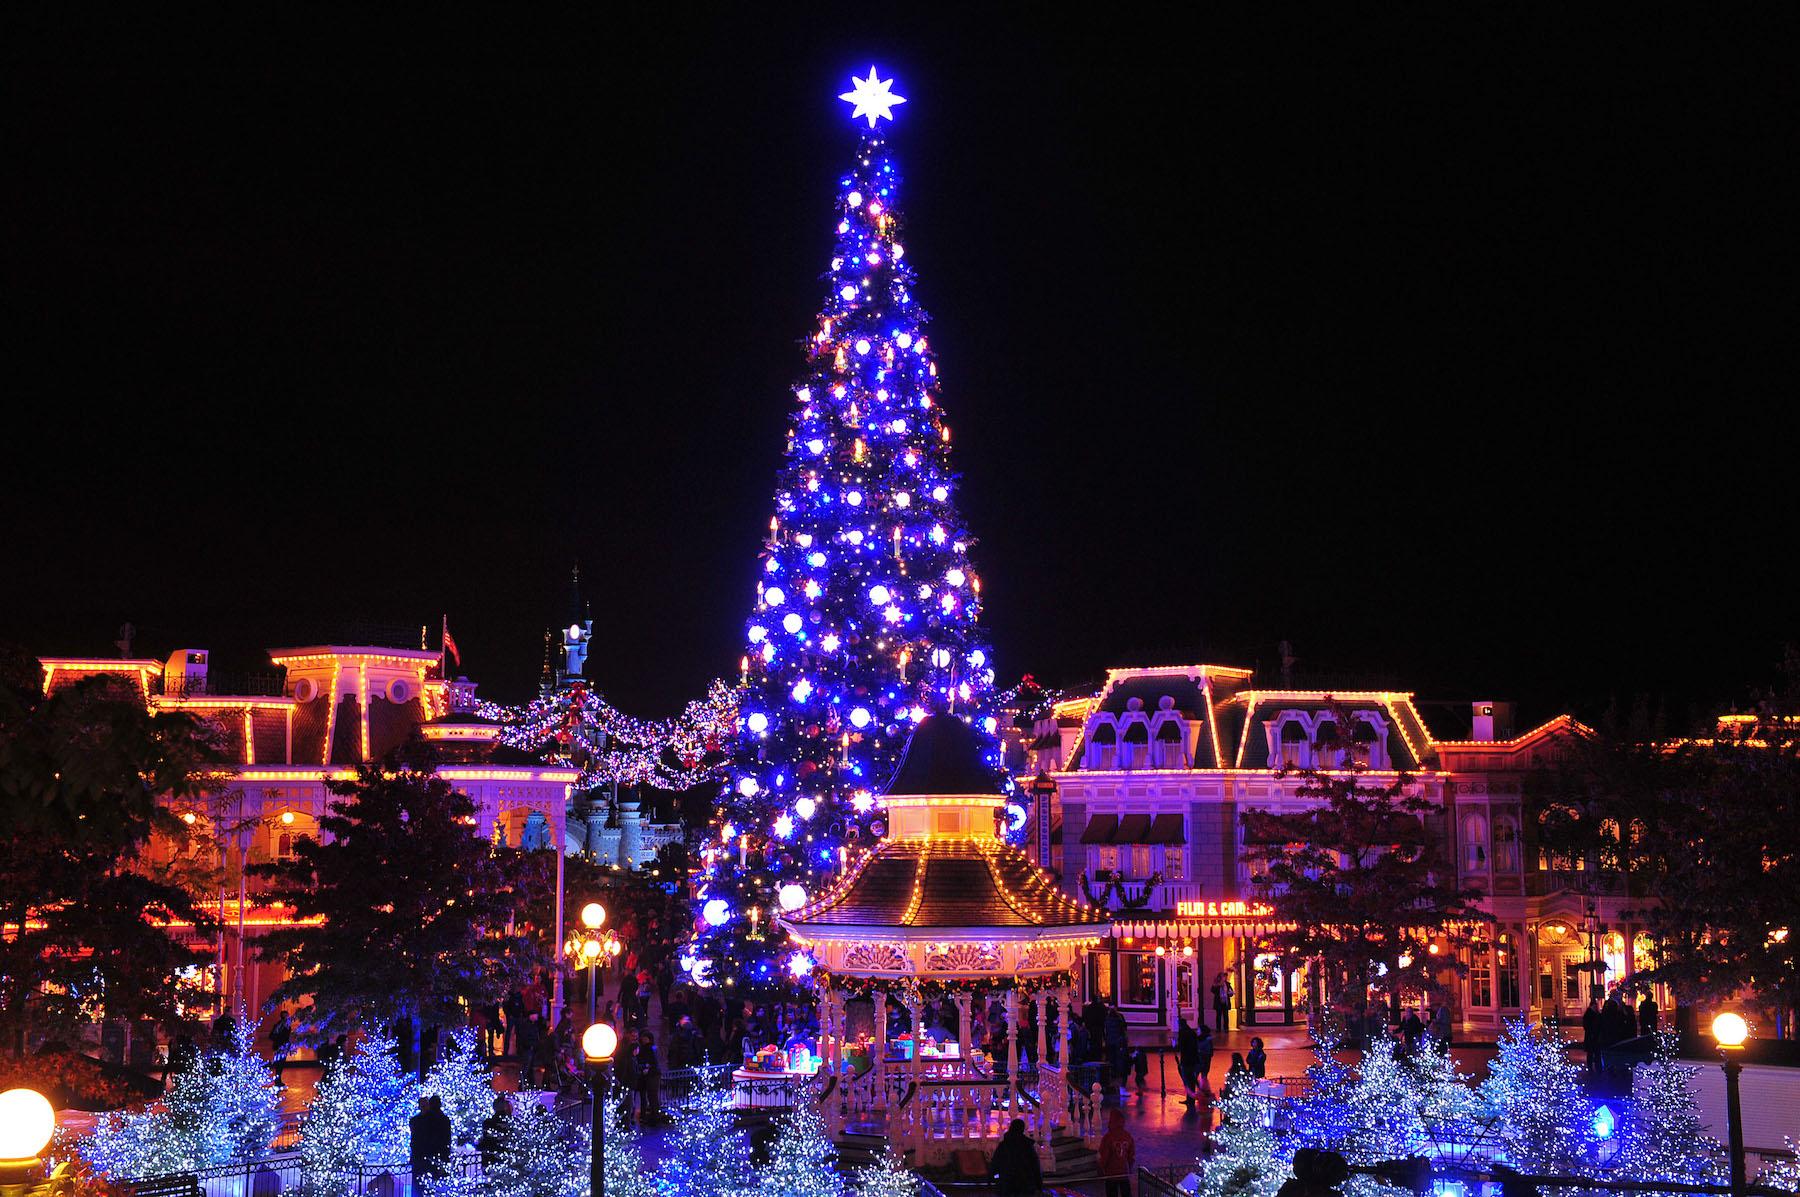 #2C1EAD Disneyland Paris : Saison De Noël 2015 Quelles Sont Les  6031 decoration de noel seconde main 1800x1197 px @ aertt.com